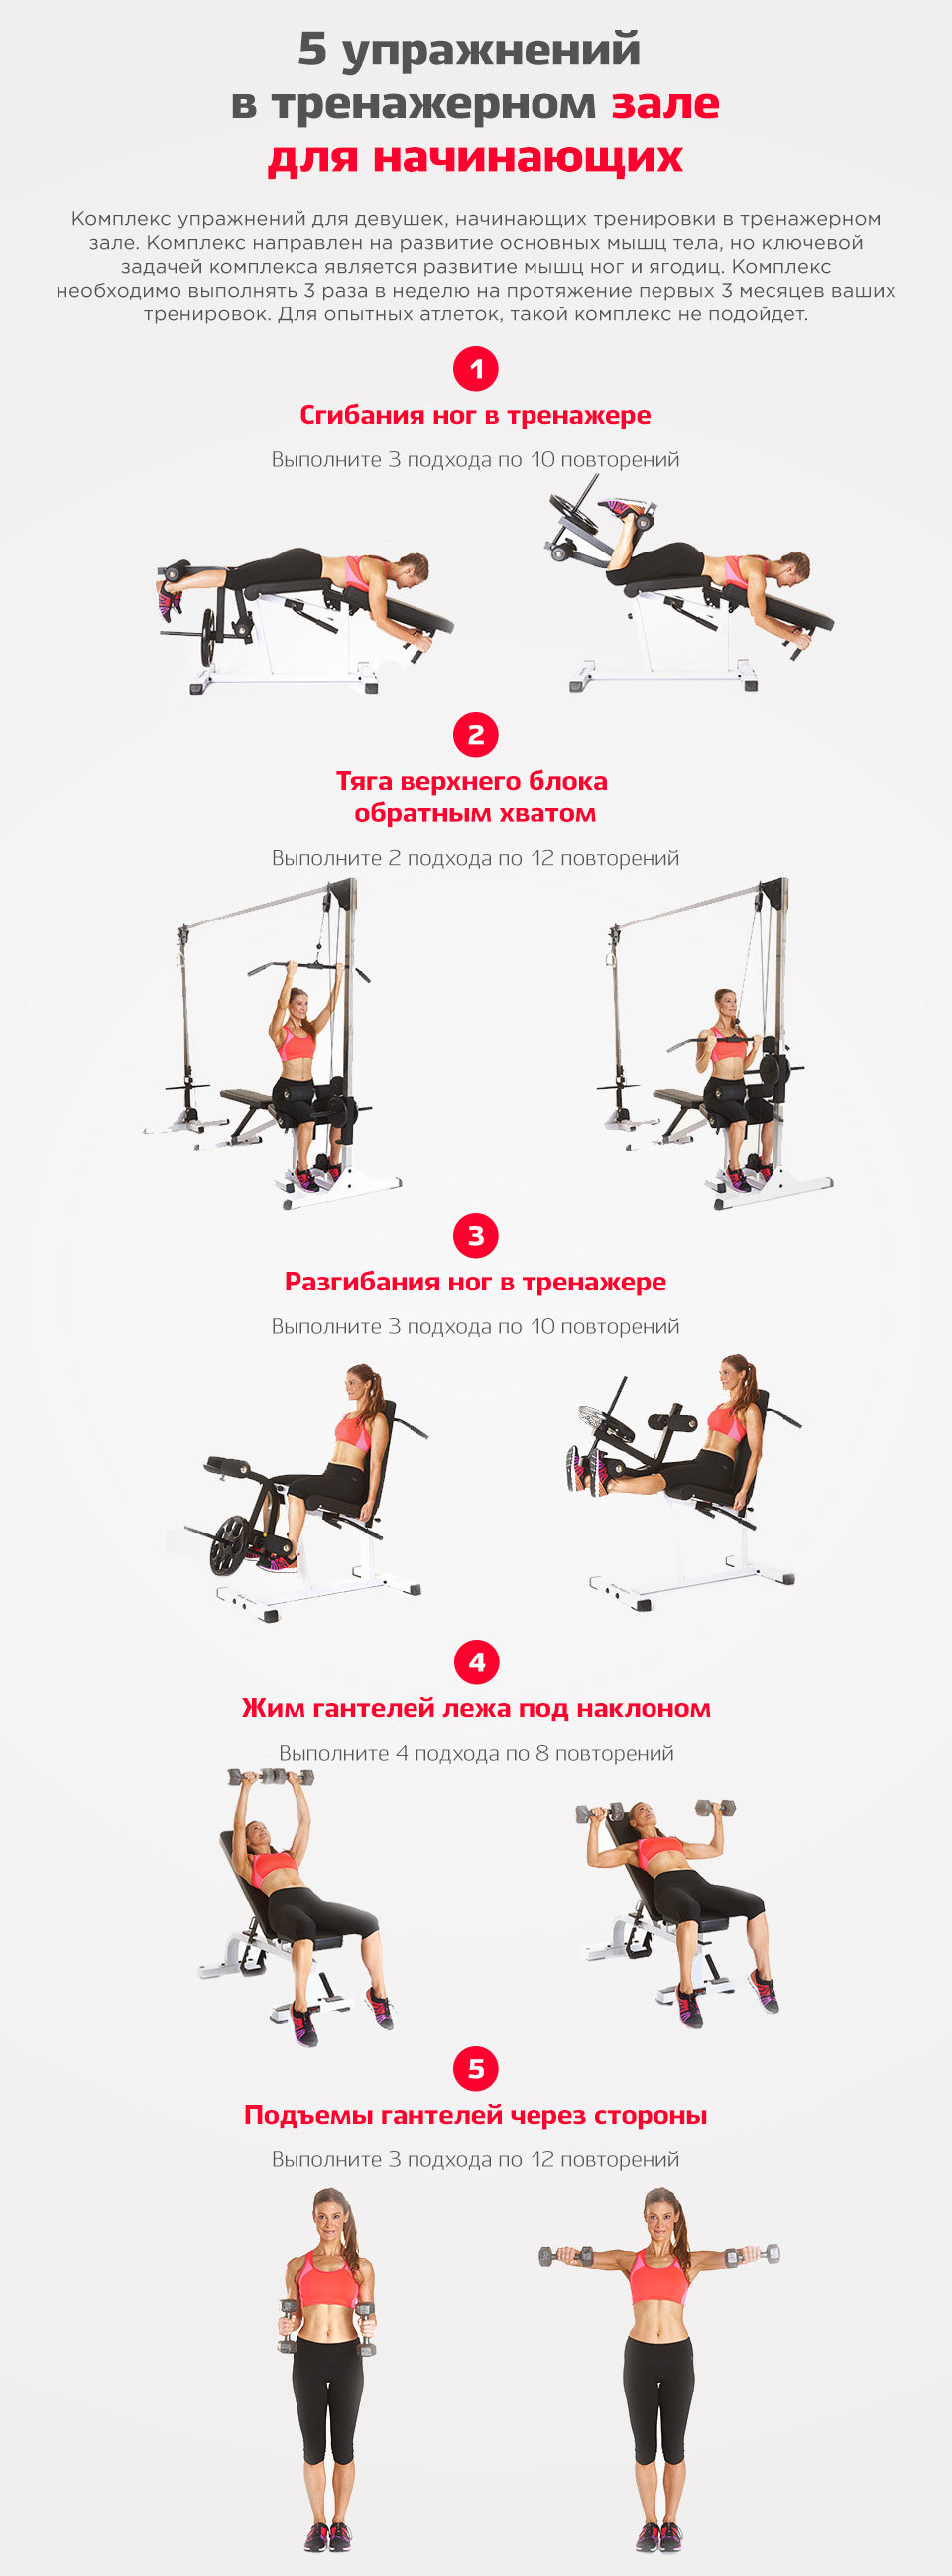 Комплекс упражнений тренажерный зал в картинках